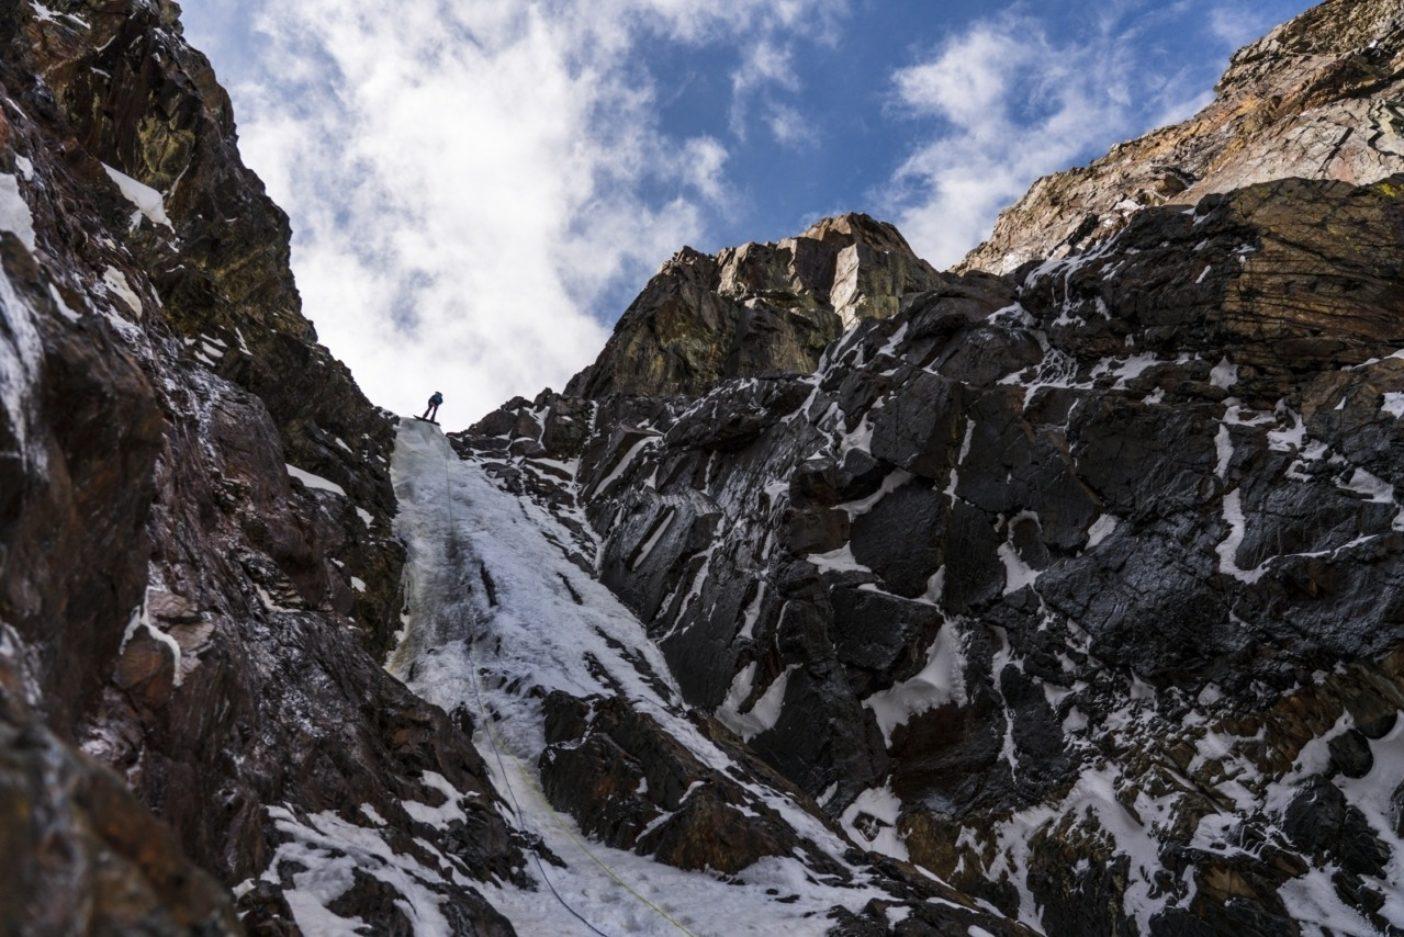 「虫の知らせも遠ざける、ある日のある氷瀑にて」とでも言ったところか。モリソン山・北東壁のクーロワールで、60メートルの最終ピッチのニック・ラッセル。写真:クリスチャン・ポンデラ